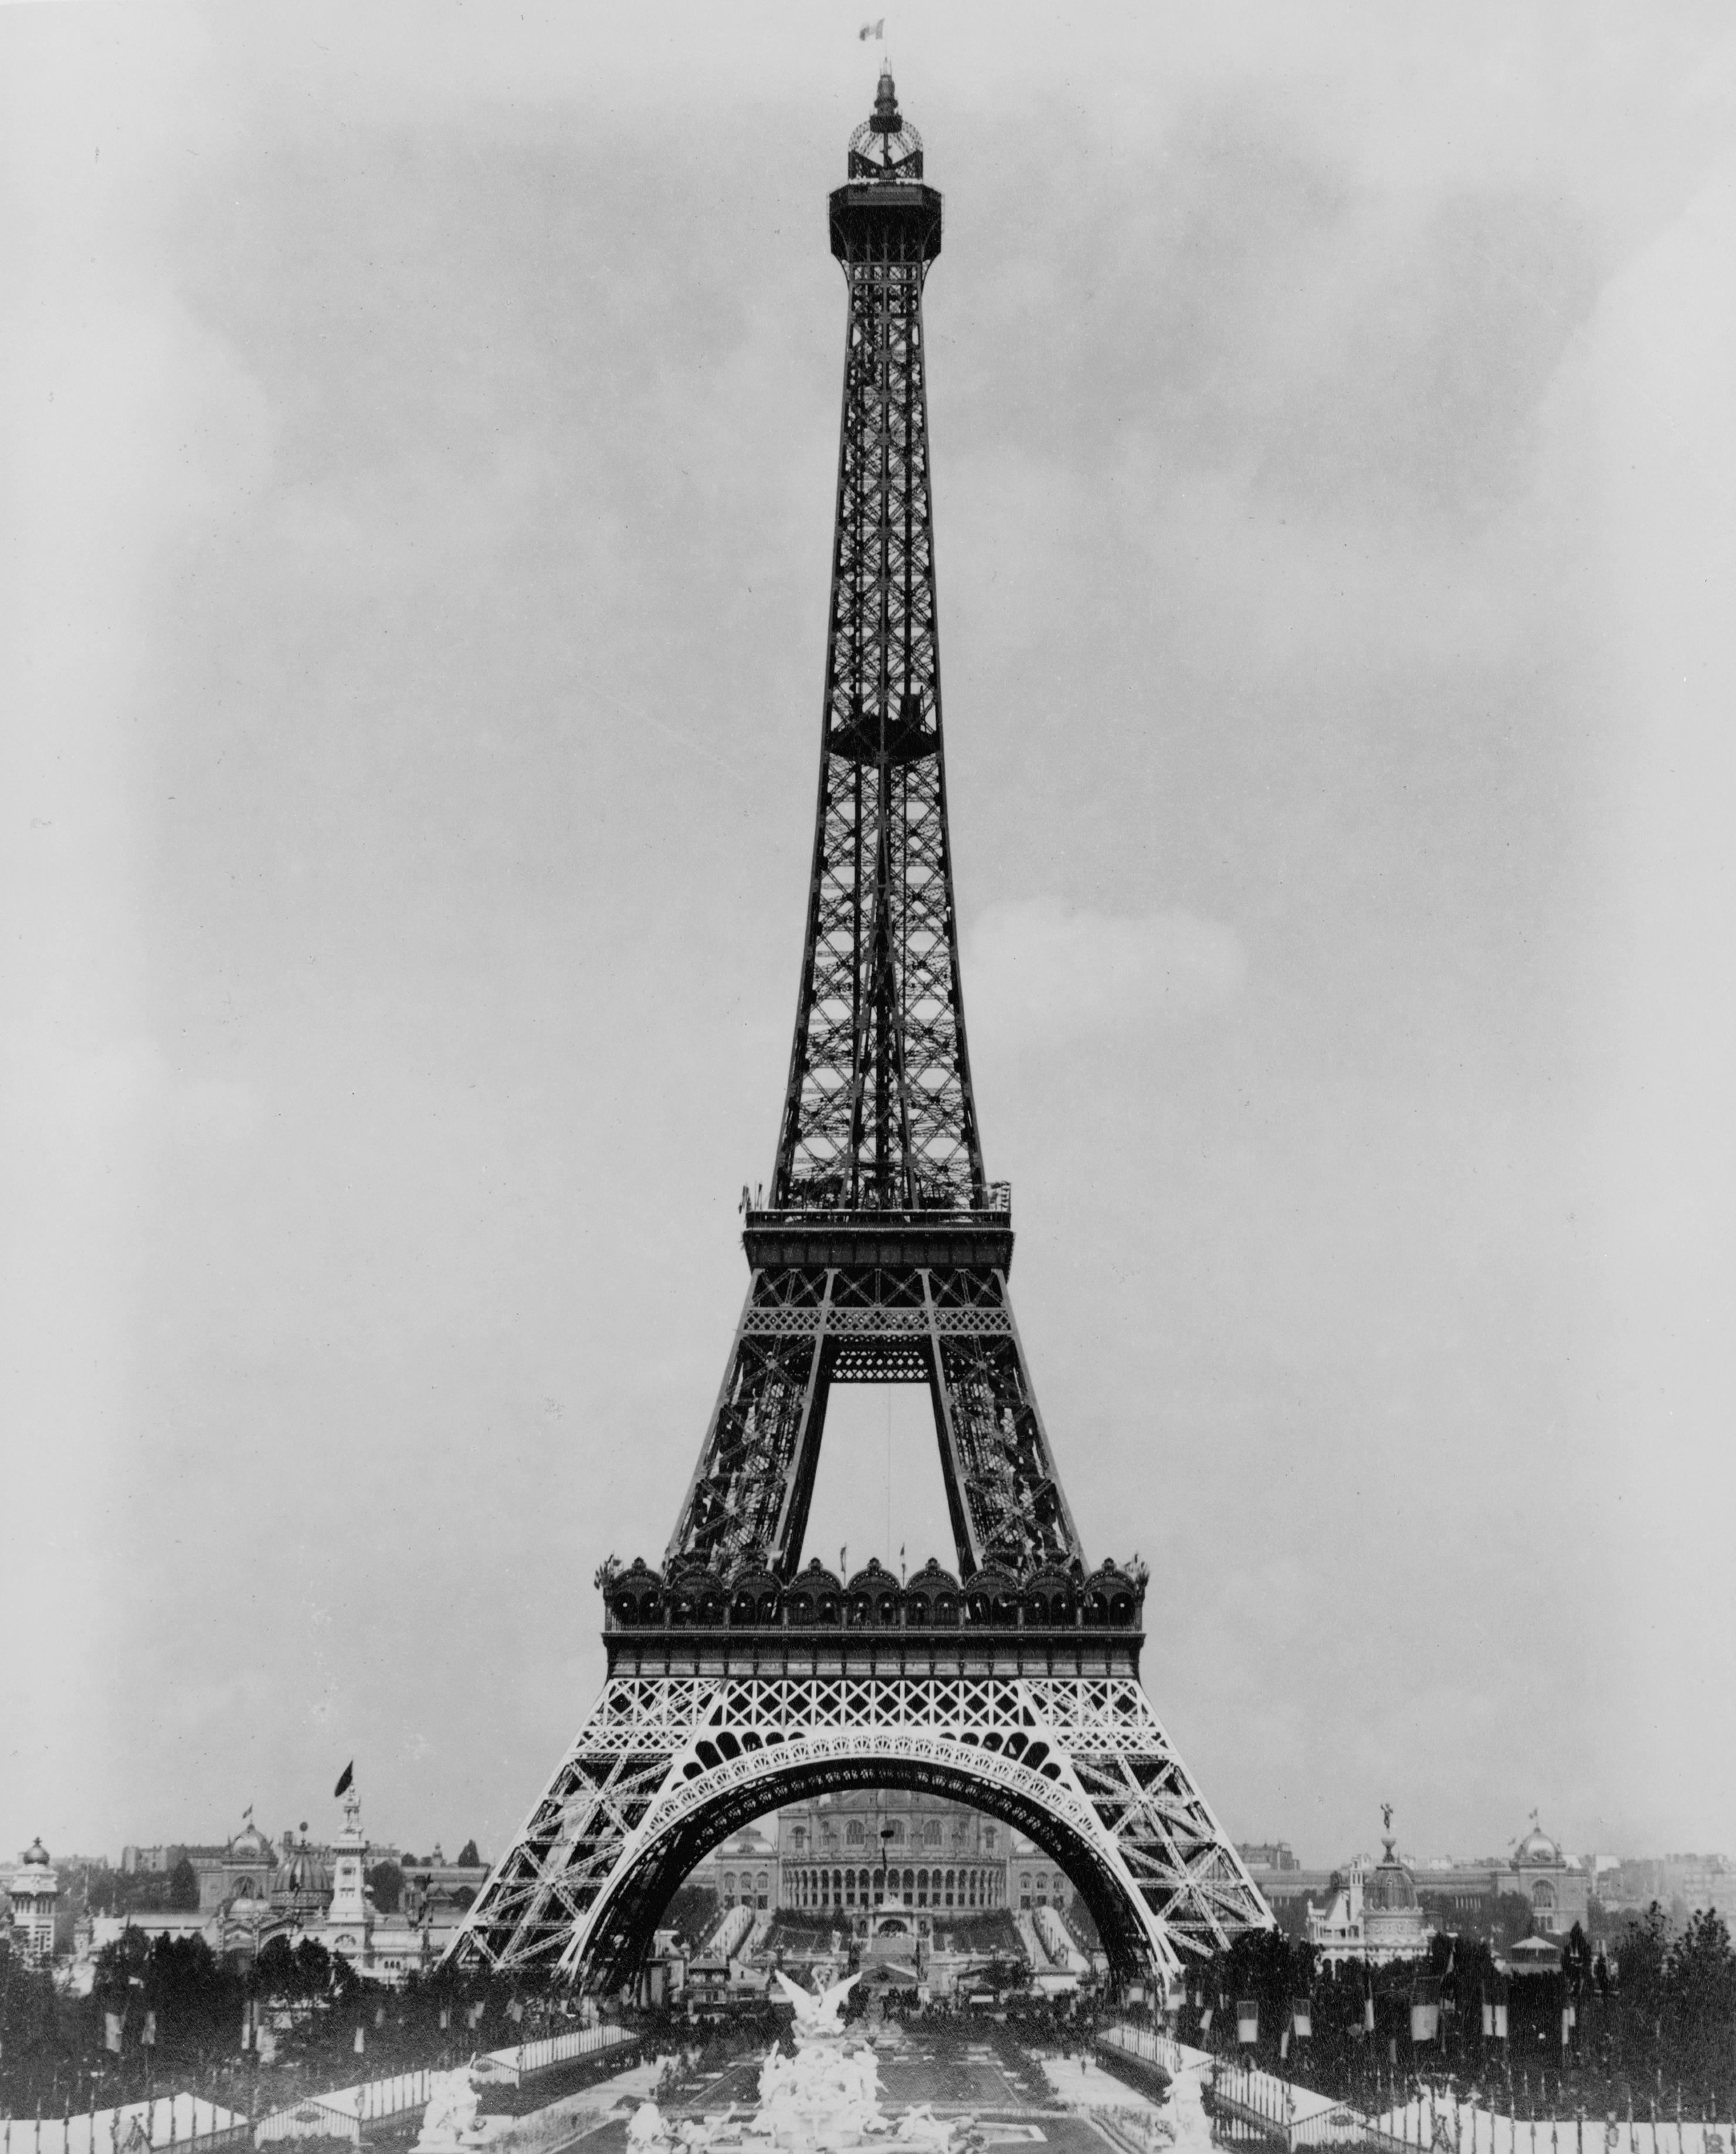 Une oeuvre une id e arts plastiques - Dimensions de la tour eiffel ...